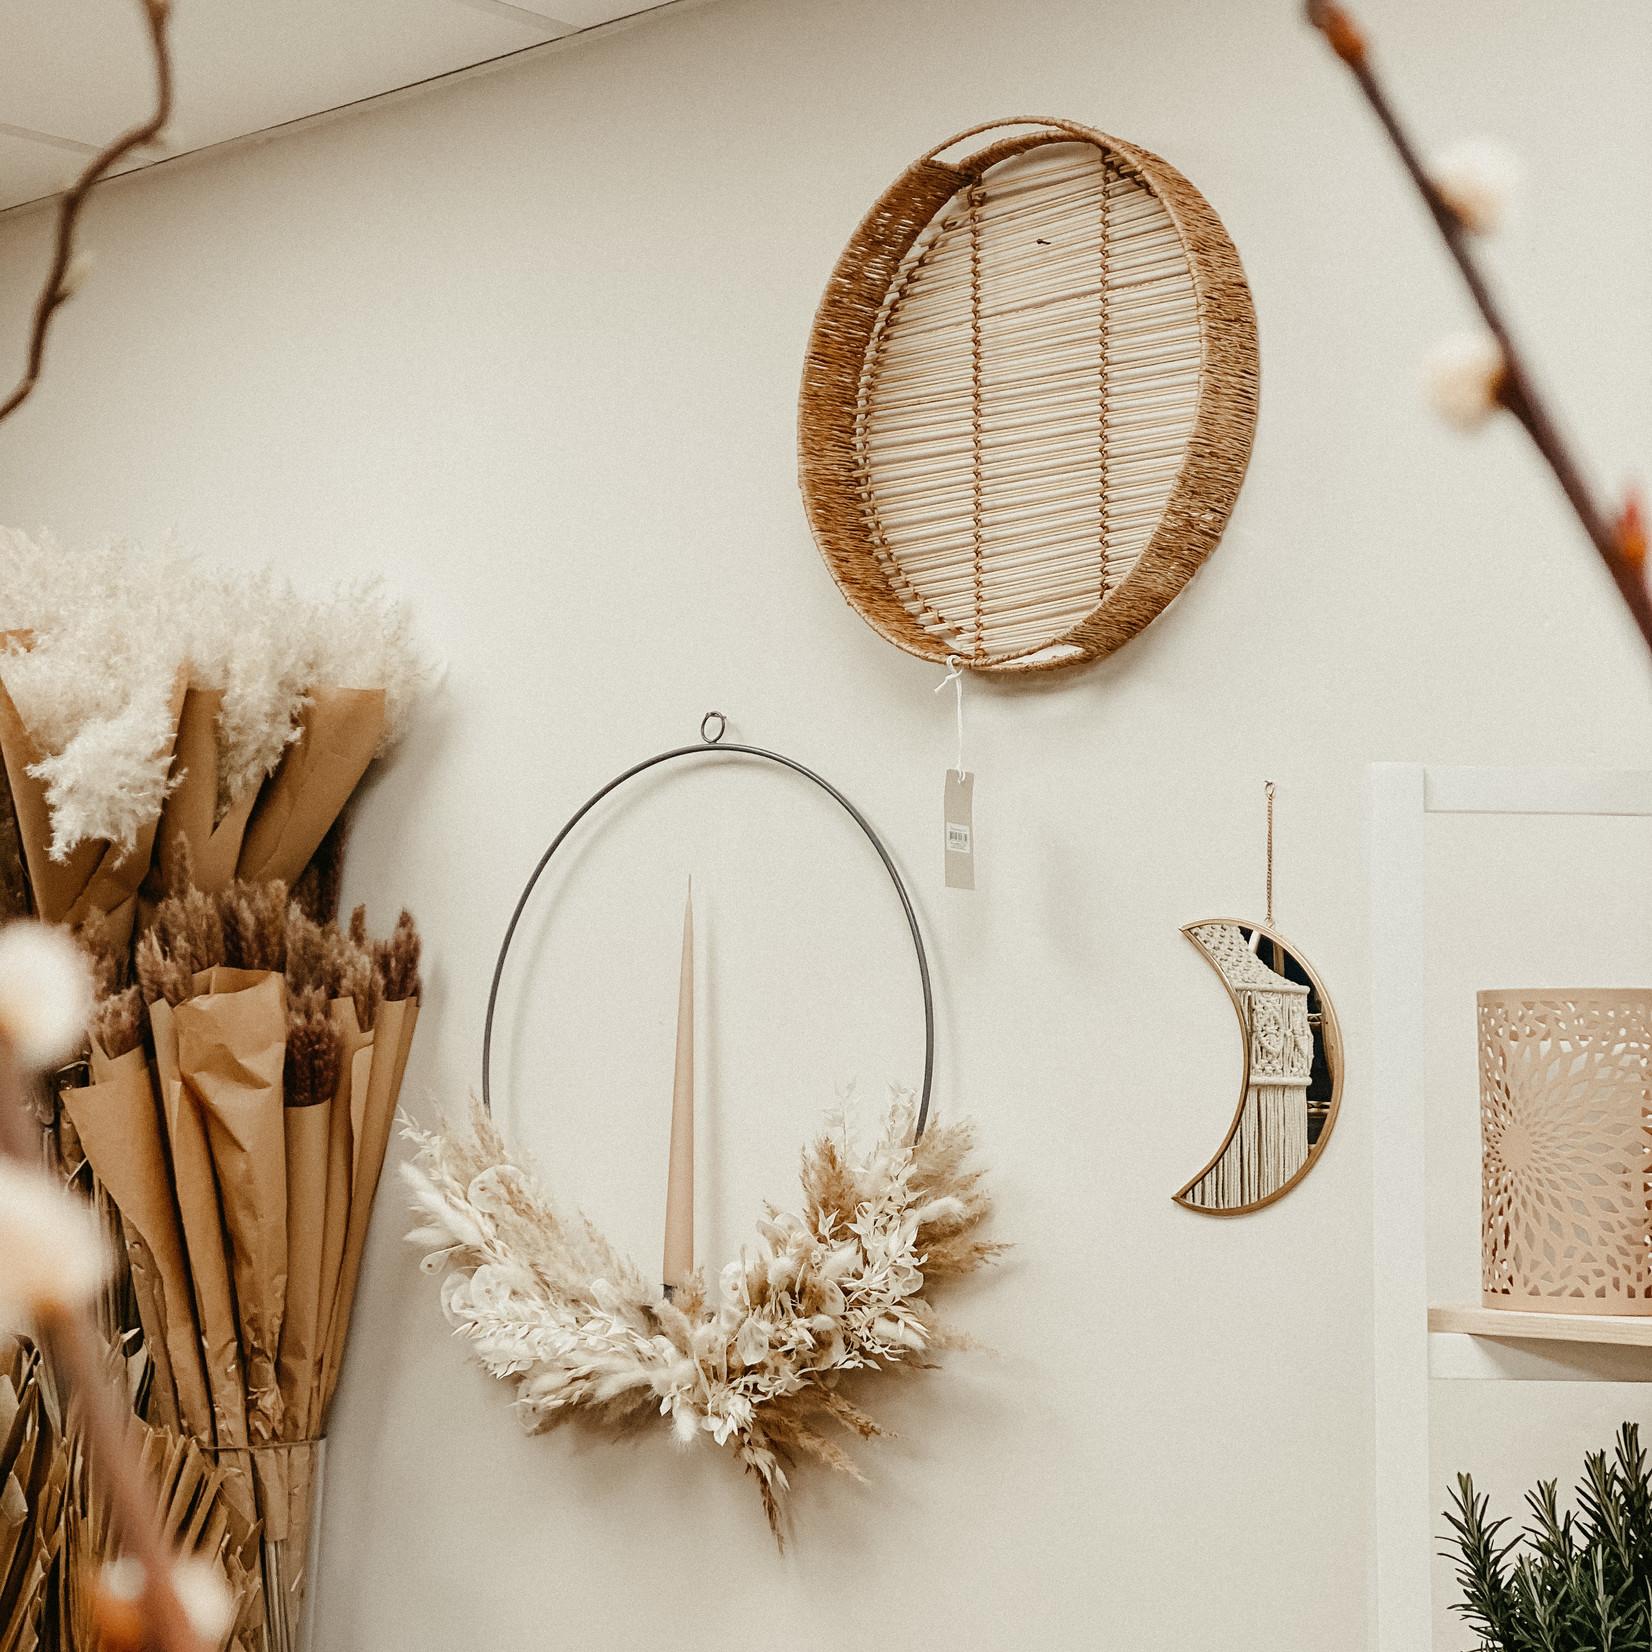 Storefactory  Flower Hoop Grau mit Kerzenhal